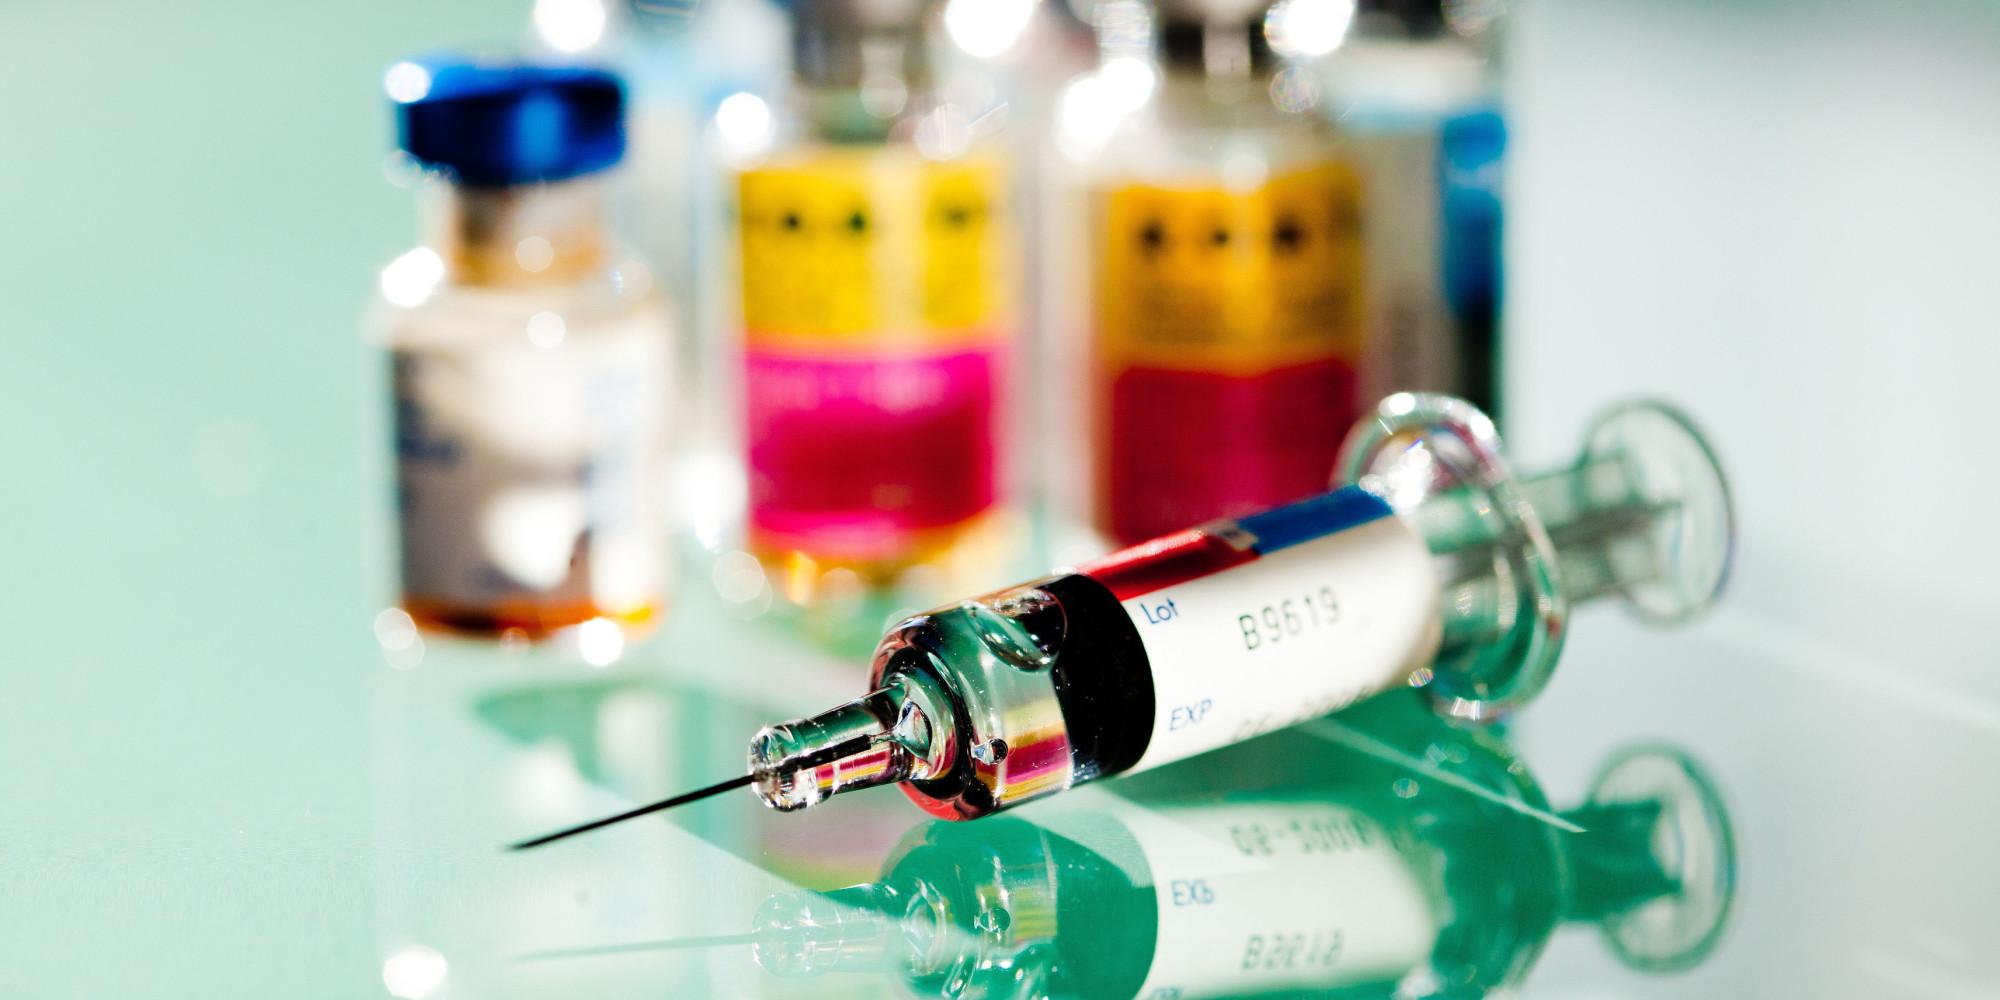 Arenewlla, furto di vaccini: un bottino di quattromila dosi